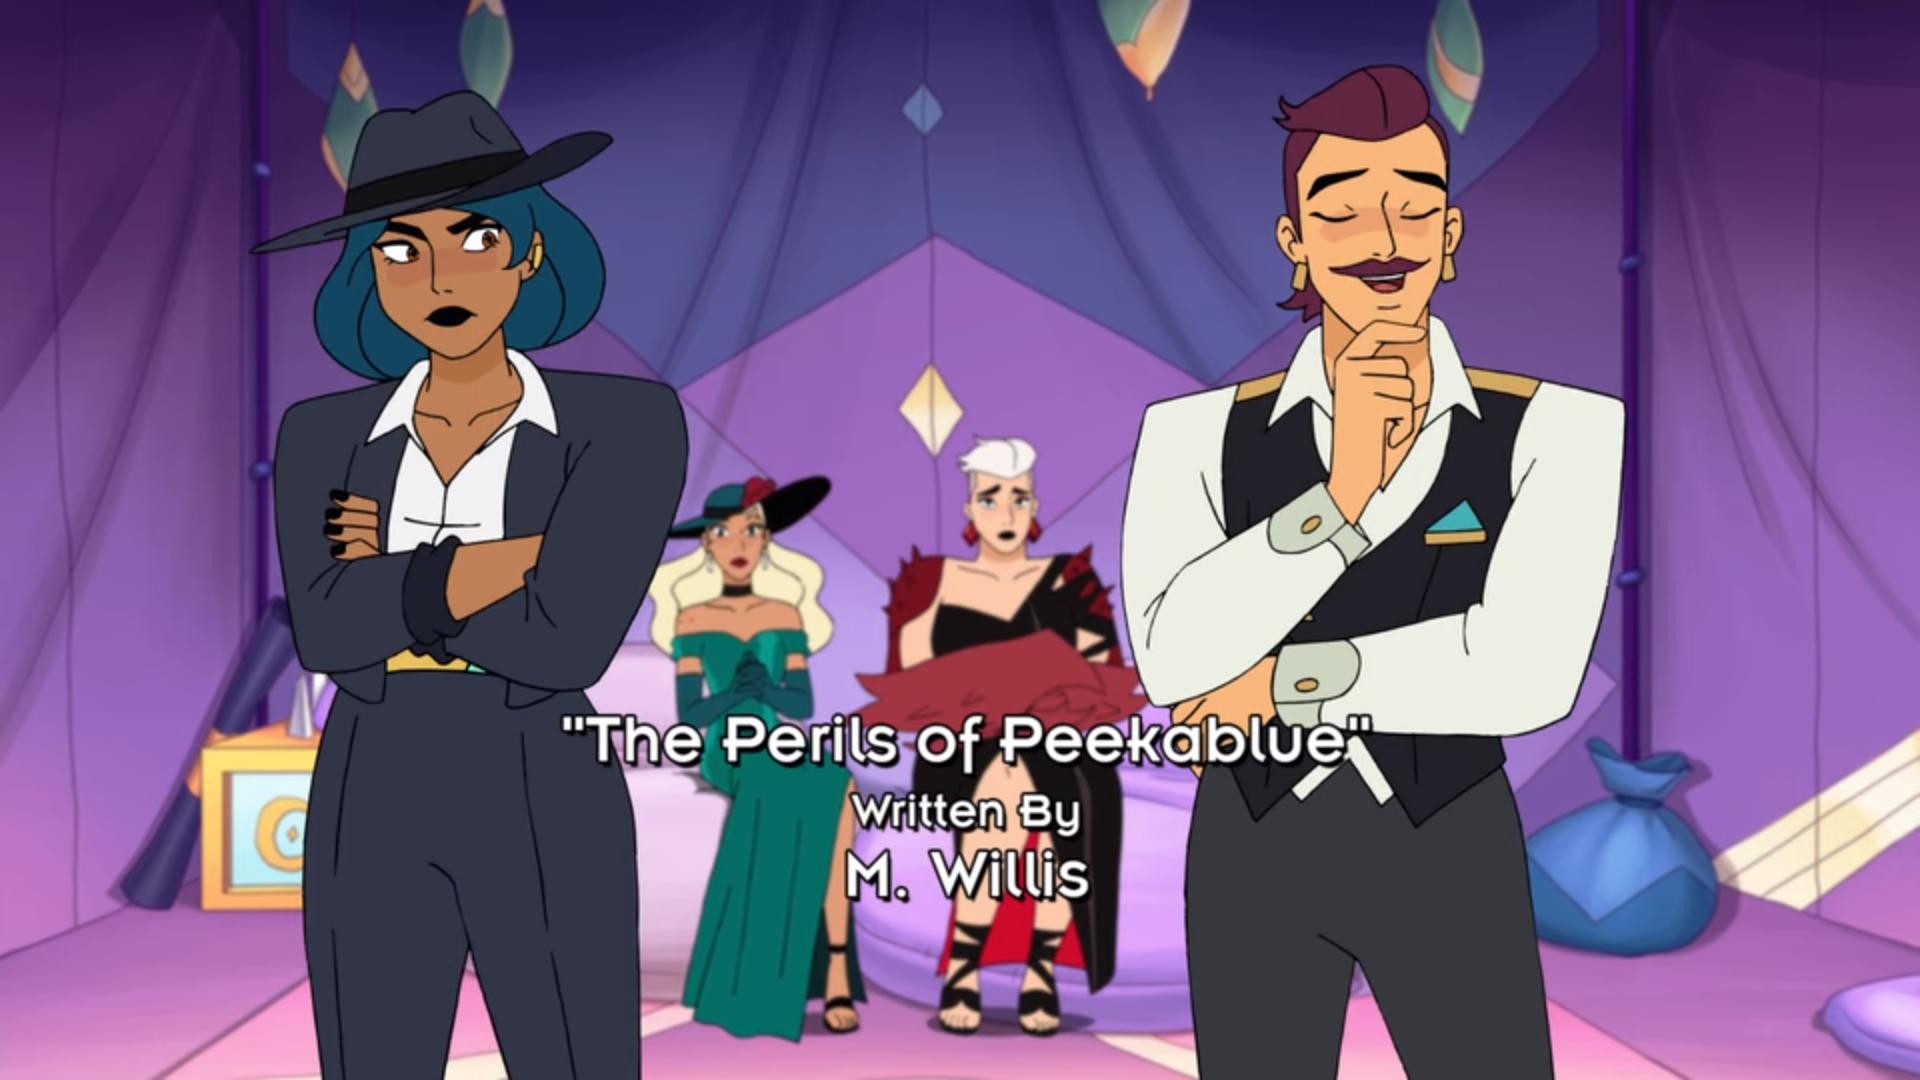 Perils of Peekablue